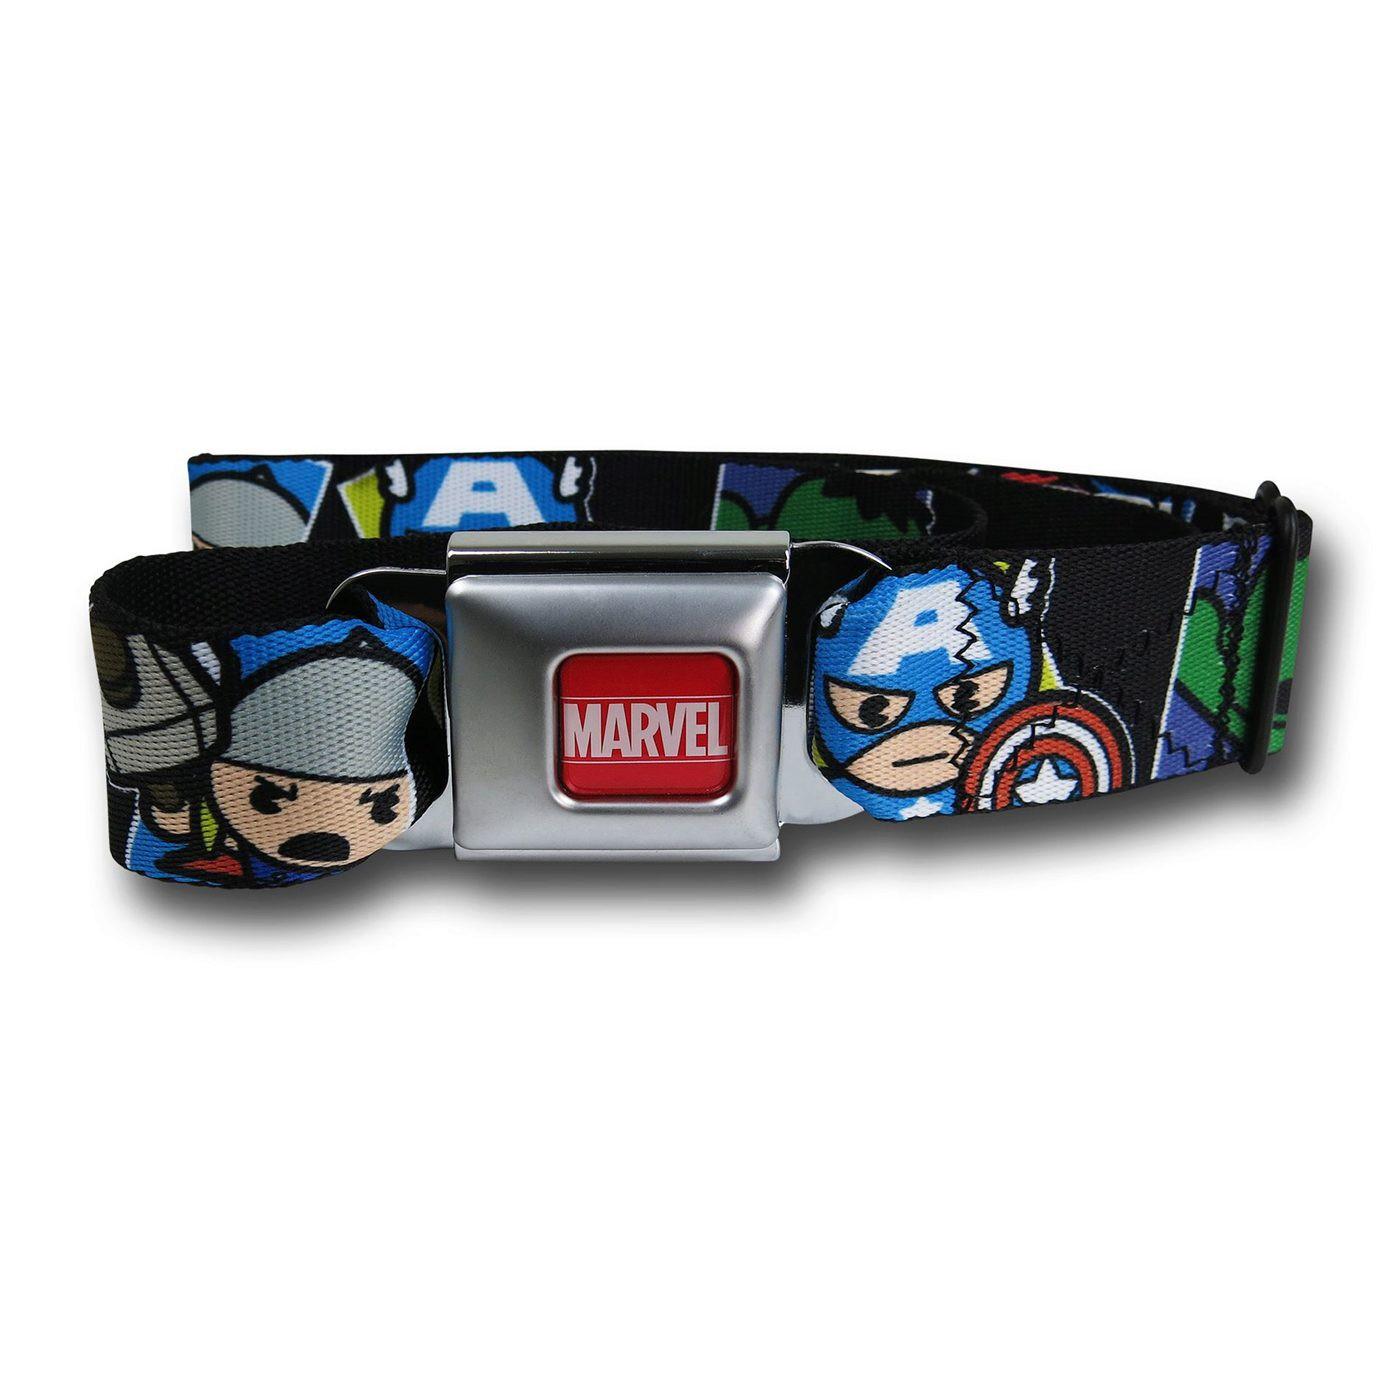 Marvel Kawaii Seatbelt Belt